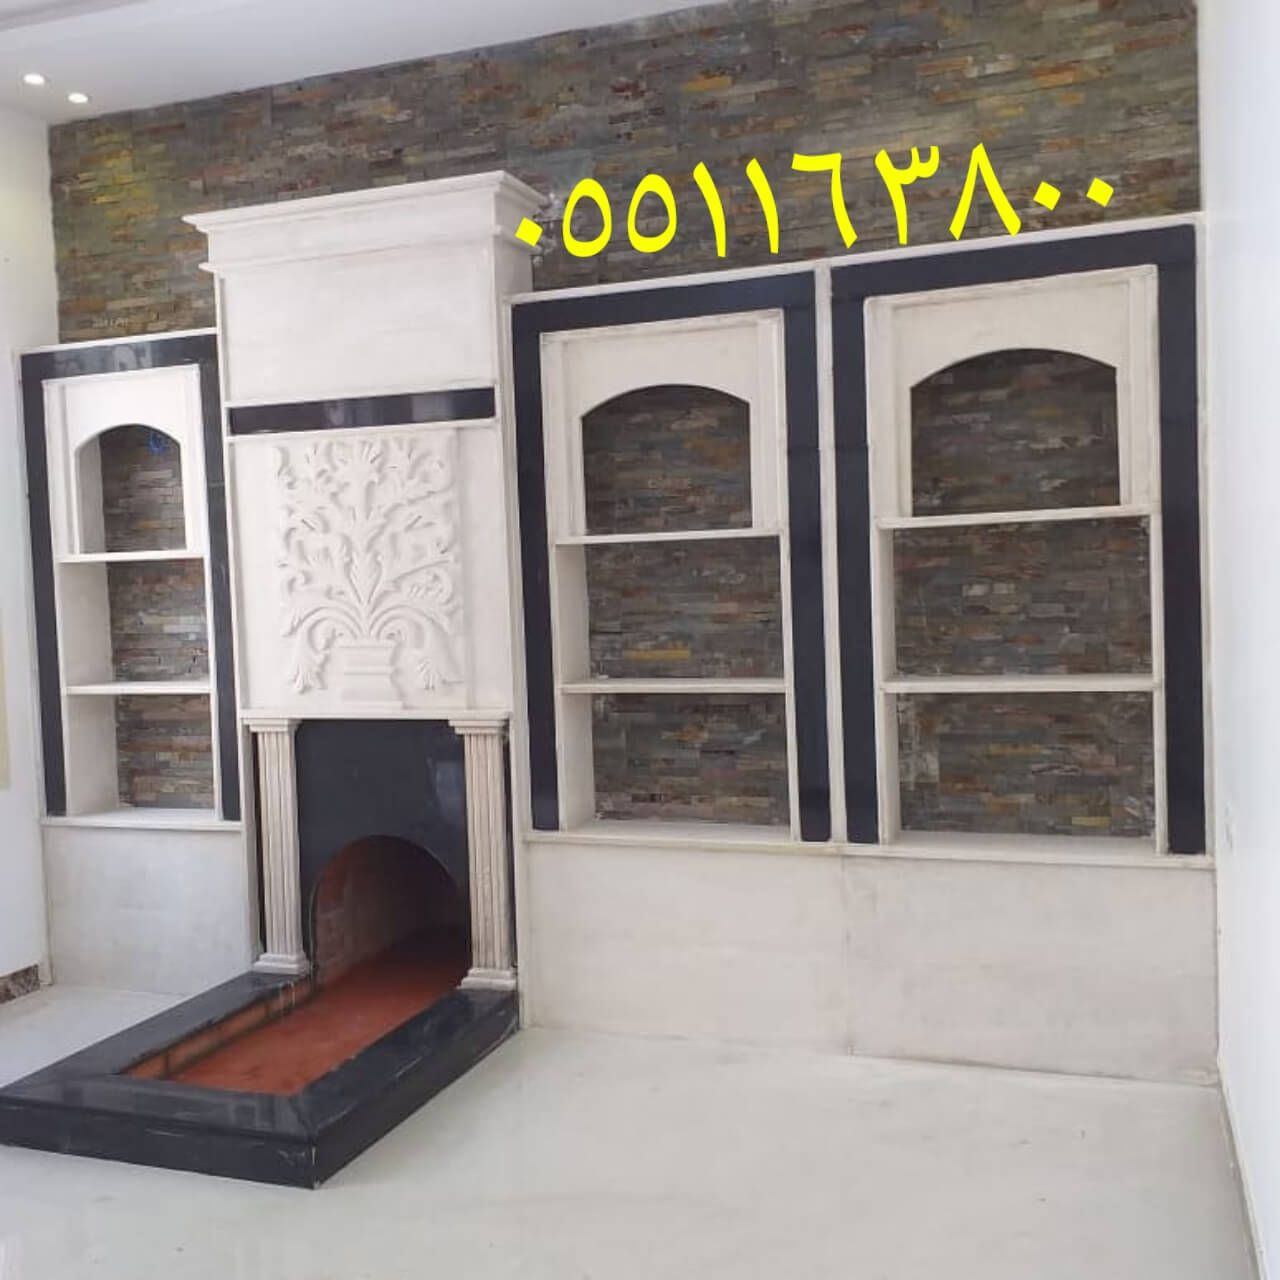 مشبات ملكيه مشبات حجر مشب صغير مشب رخام مشبات مودرن مشبات حديثة Home Decor Decor Fireplace